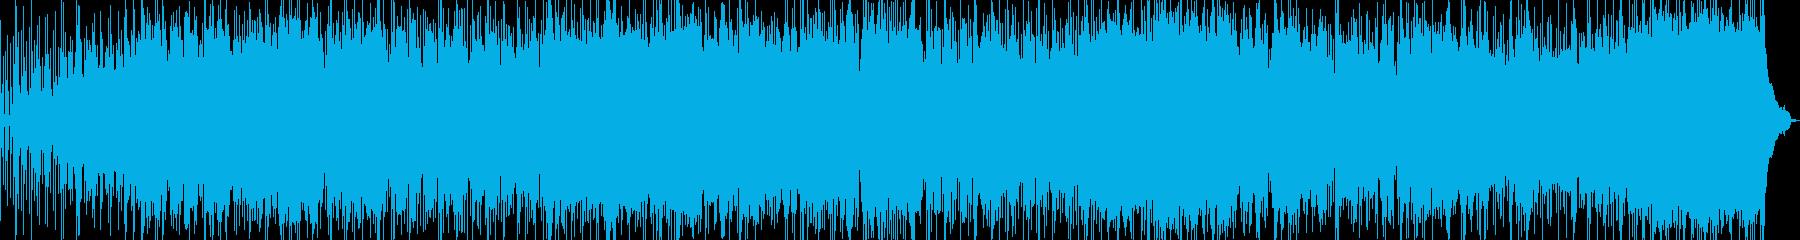 哀愁感漂うBGMの再生済みの波形